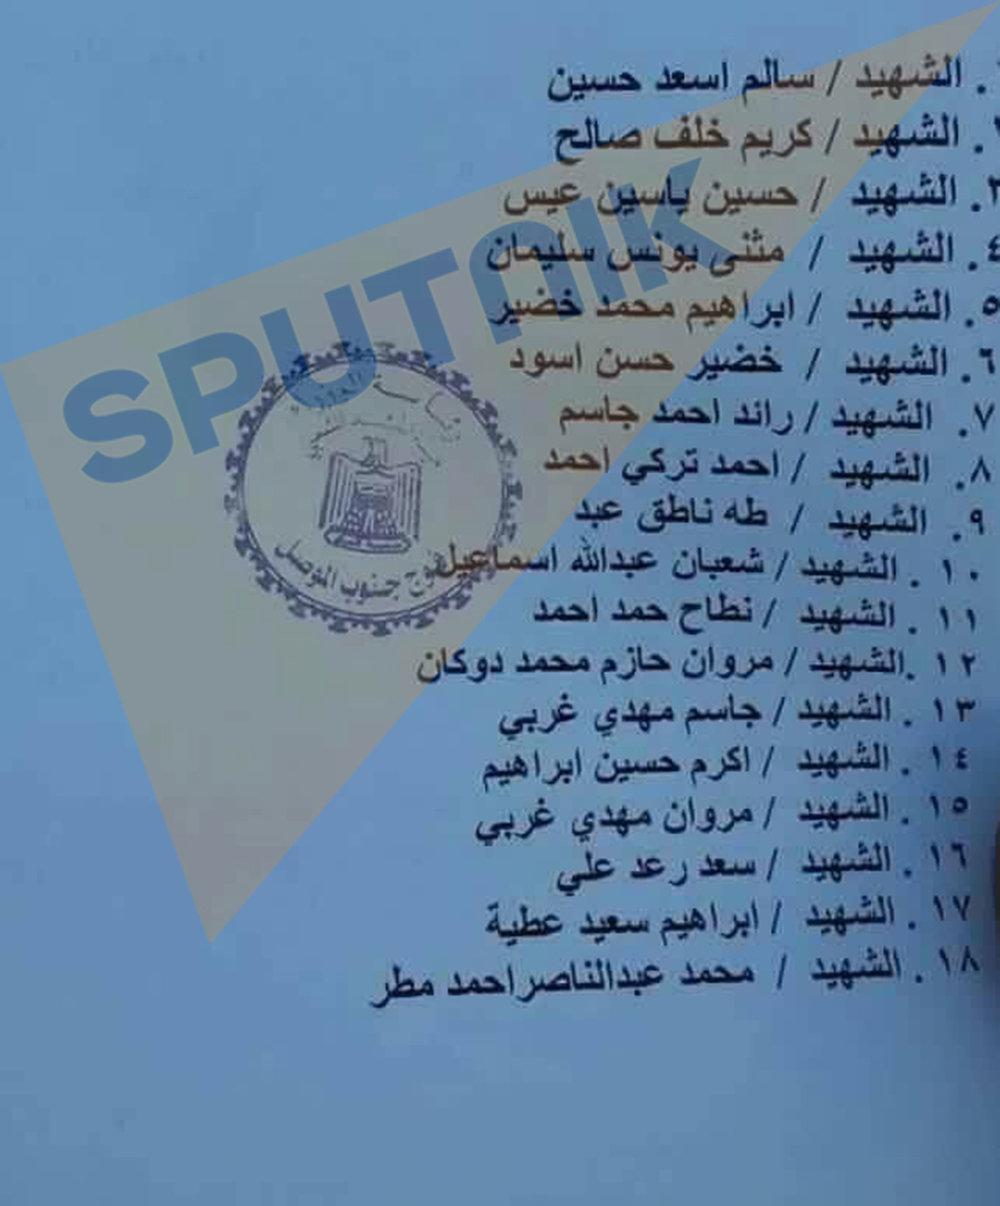 بالأسماء... قتلى الحشد العشائري بقصف للتحالف الدولي